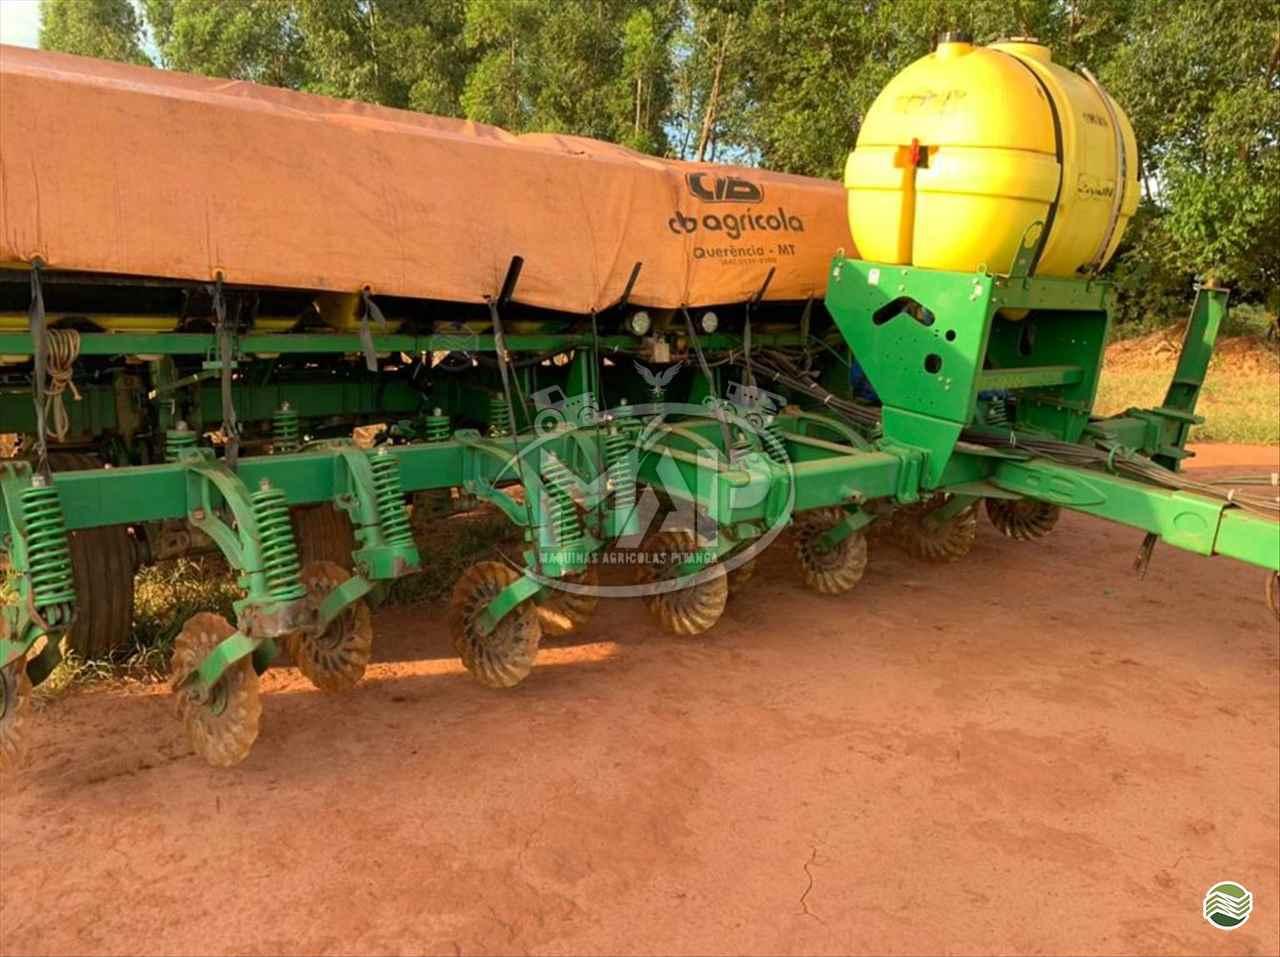 PLANTADEIRA JOHN DEERE PLANTADEIRAS 2126 Máquinas Agrícolas Pitanga PITANGA PARANÁ PR